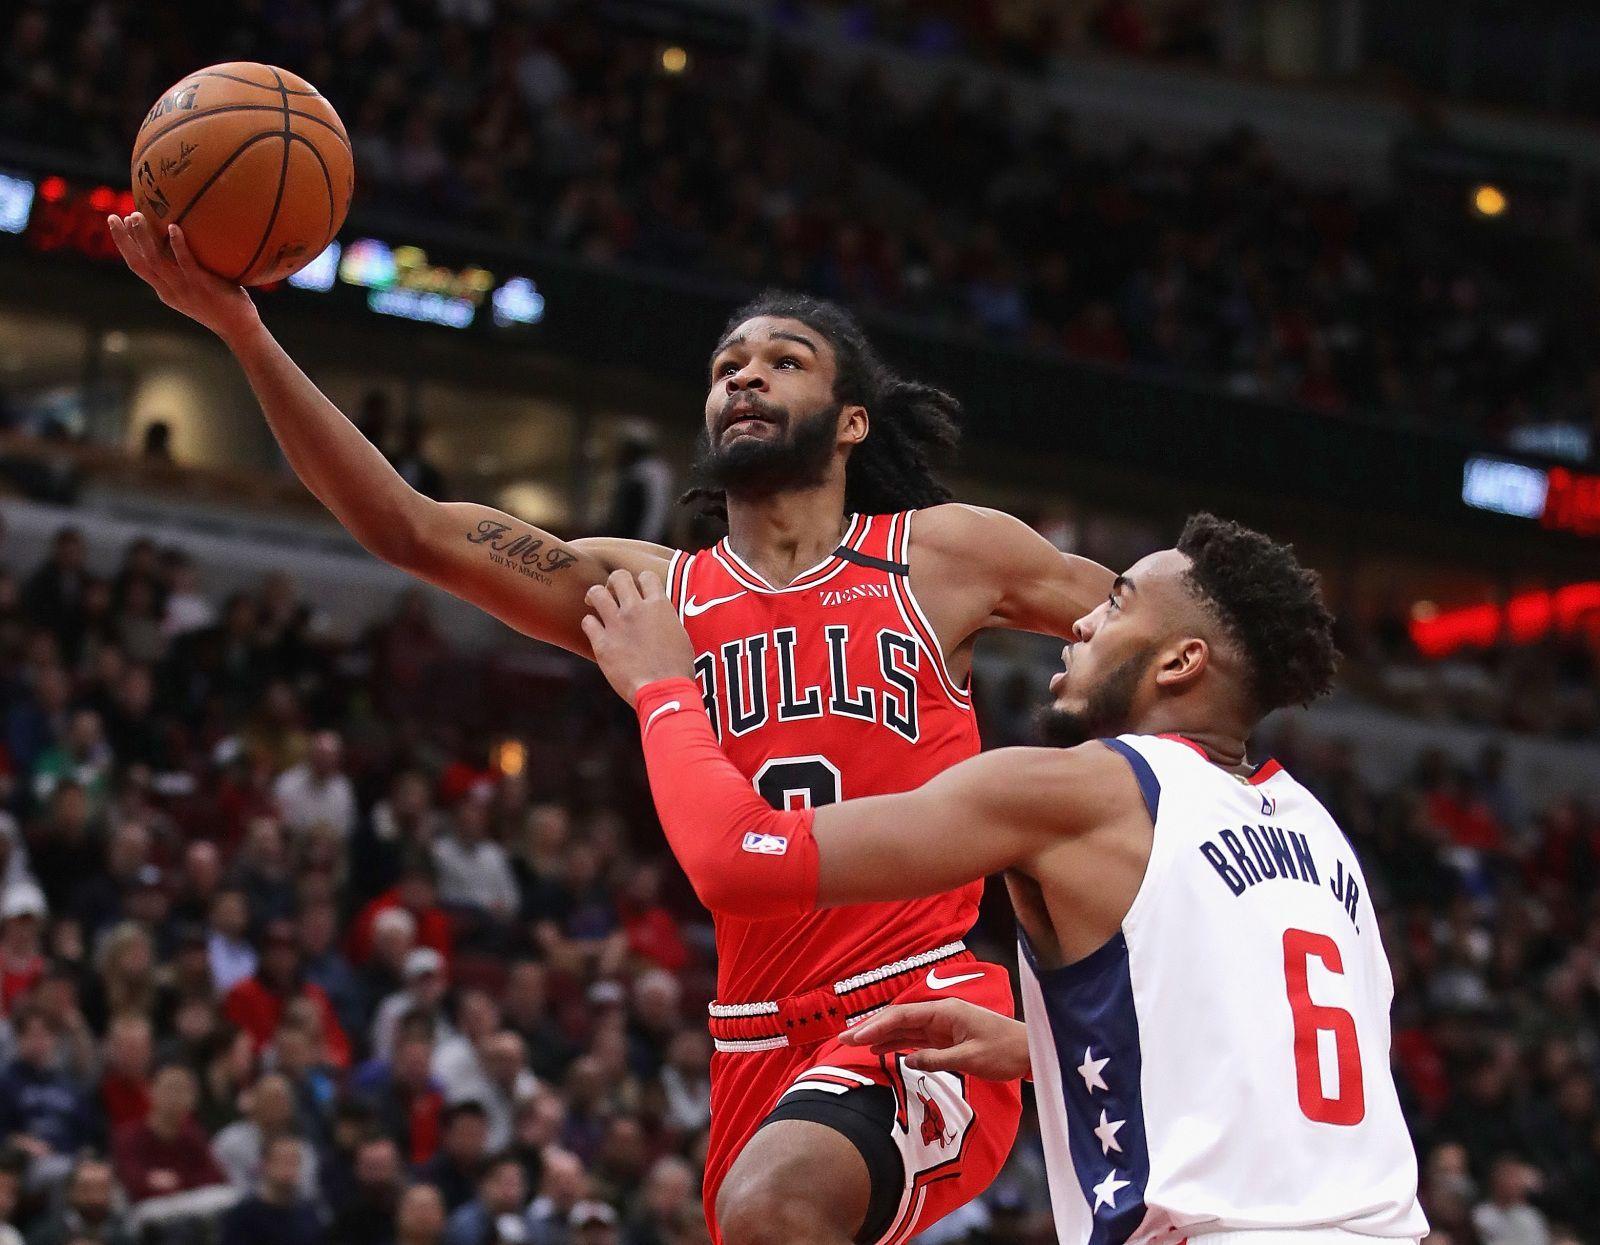 Pin by NBANewsNow on NBA News Basketball association, Washin